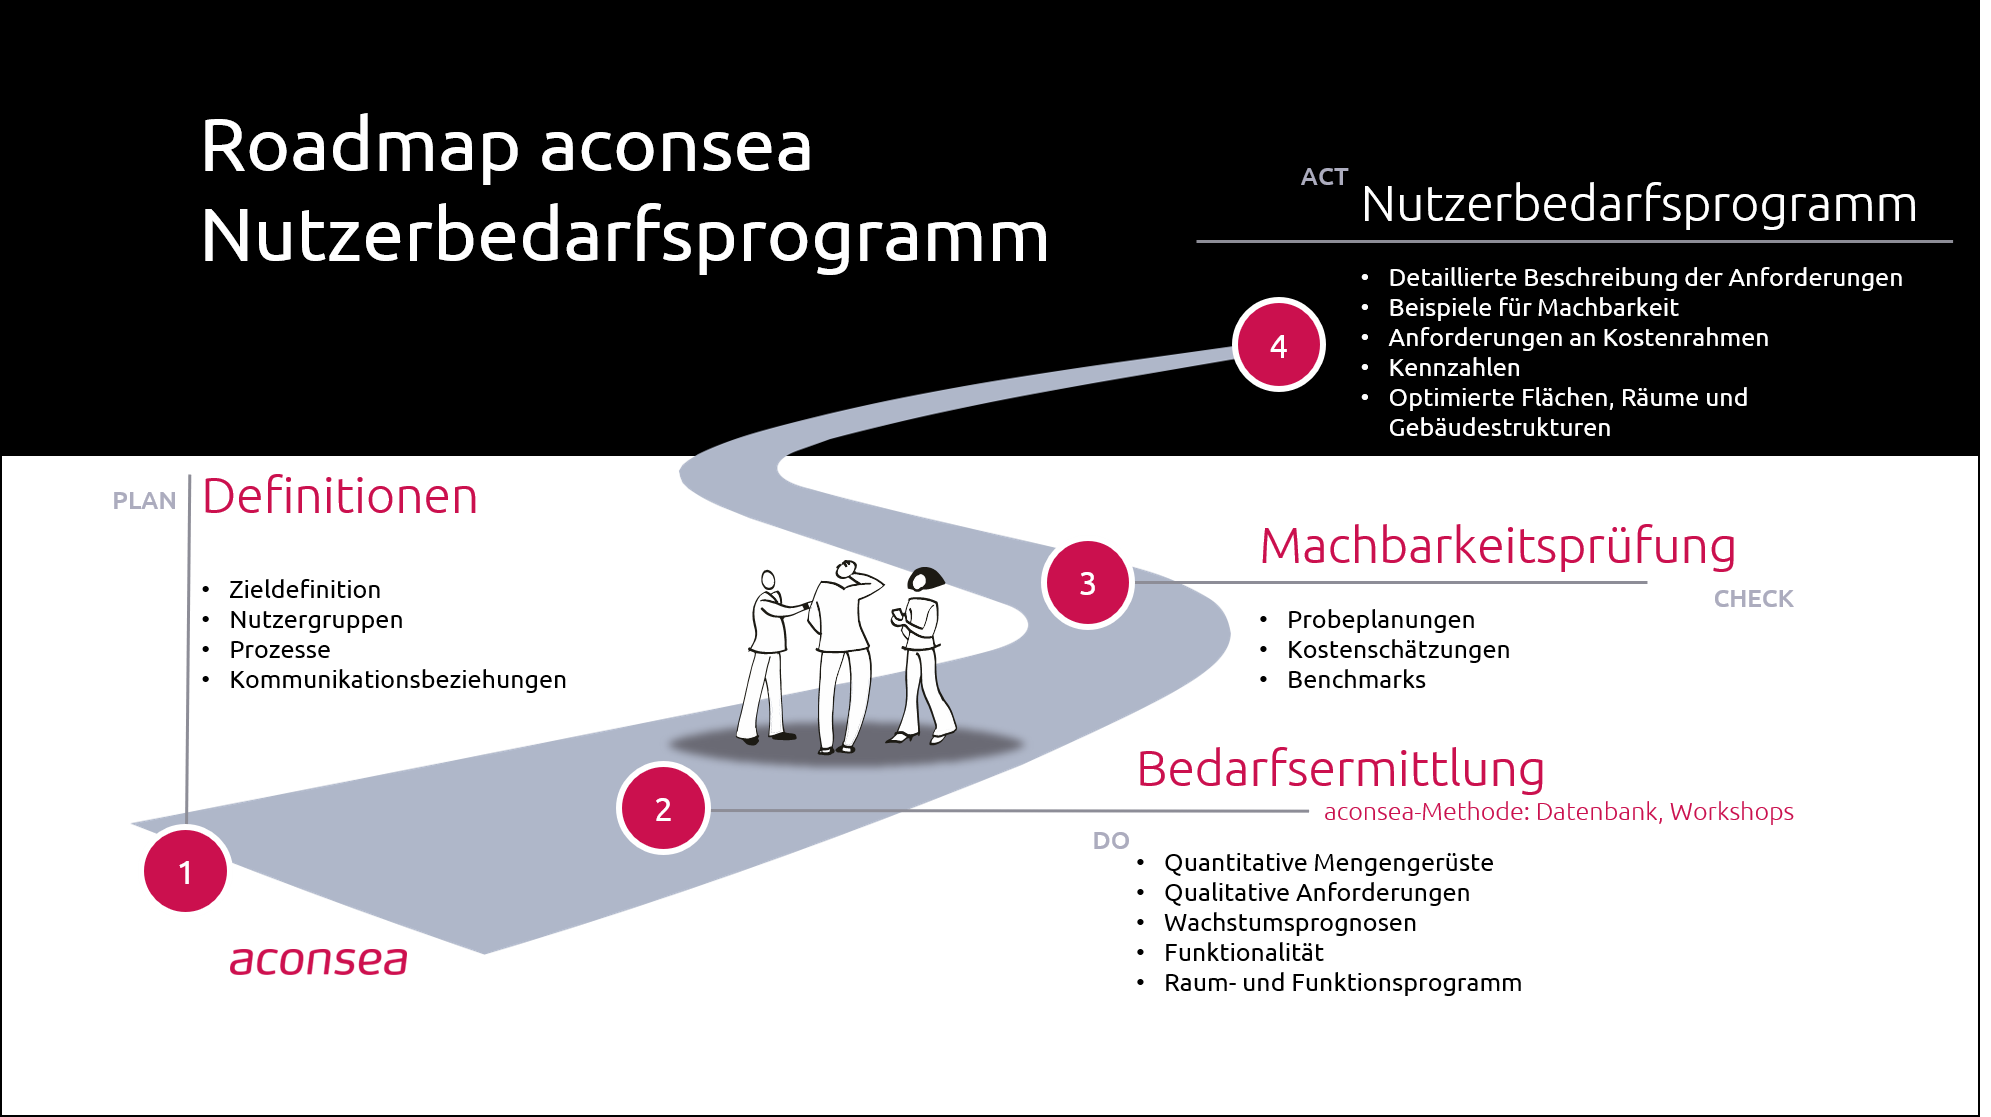 Roadmap Nutzerbedarfsprogramm